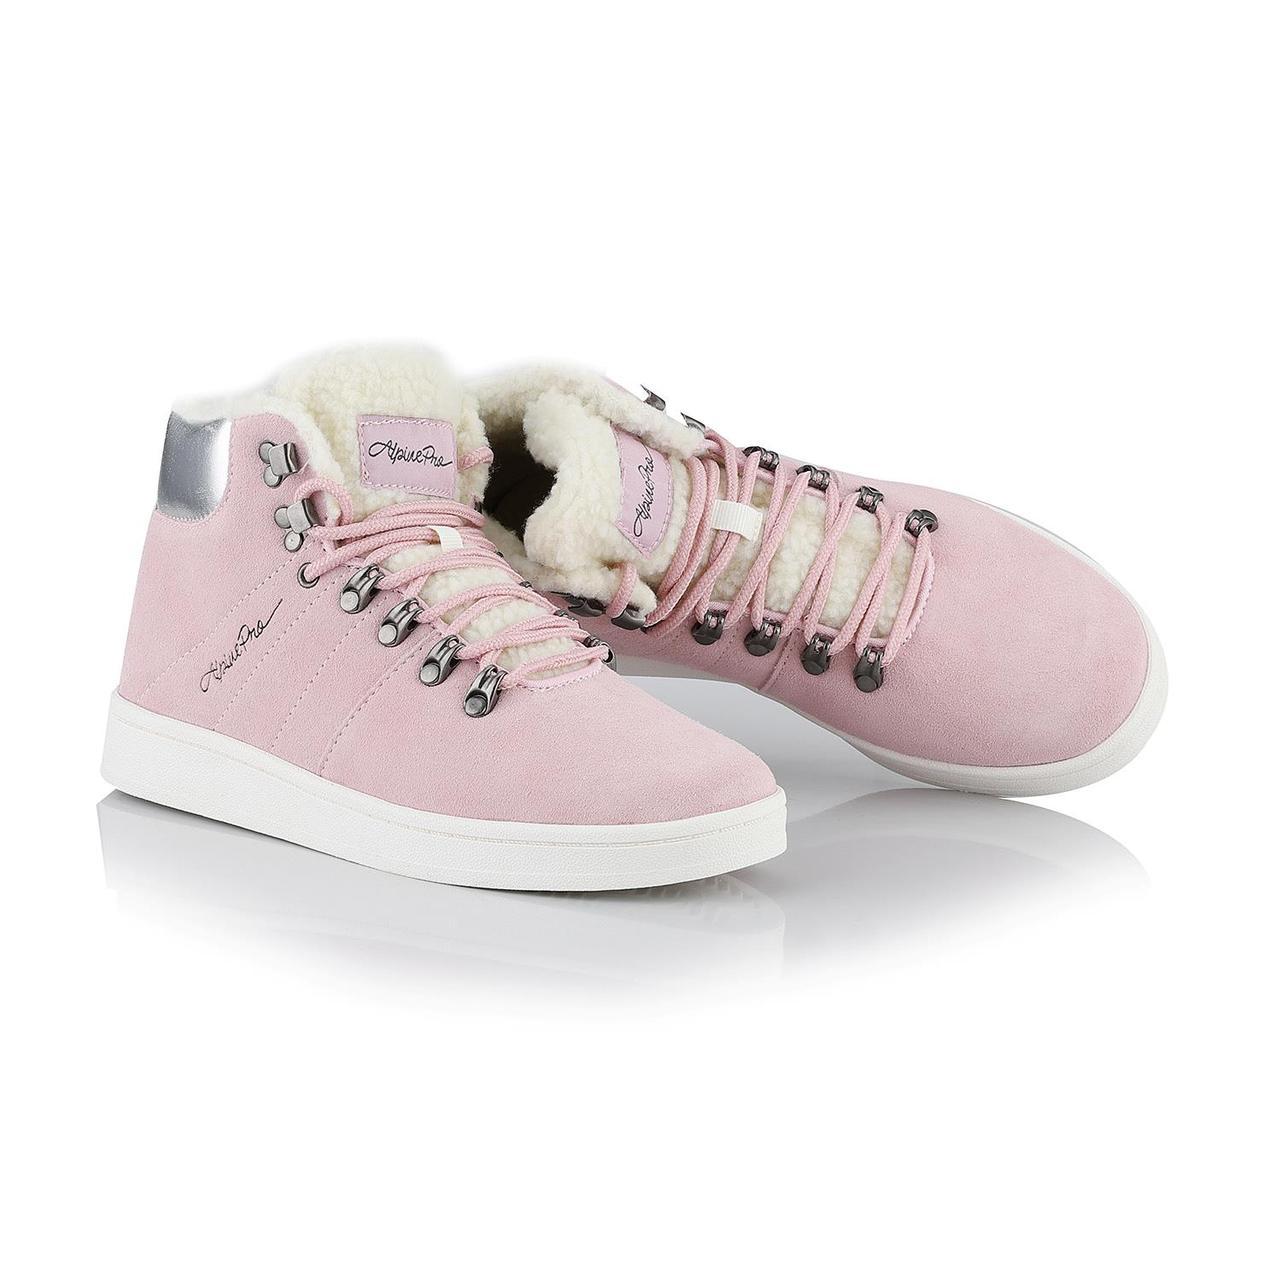 Ботинки MANDELTNA Розовый, 38 - фото 7